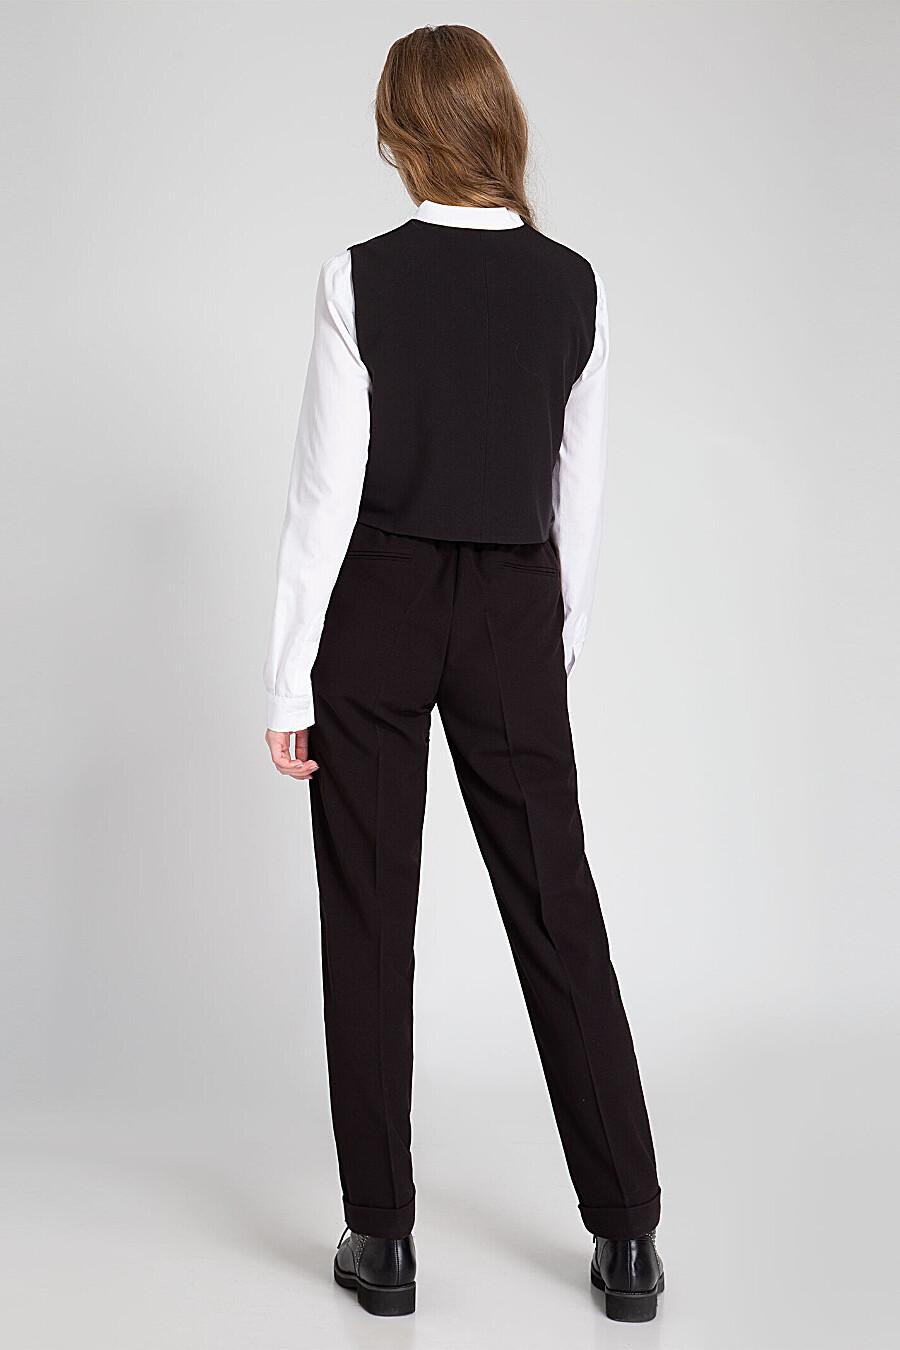 Жилет для девочек PANDA 682814 купить оптом от производителя. Совместная покупка детской одежды в OptMoyo